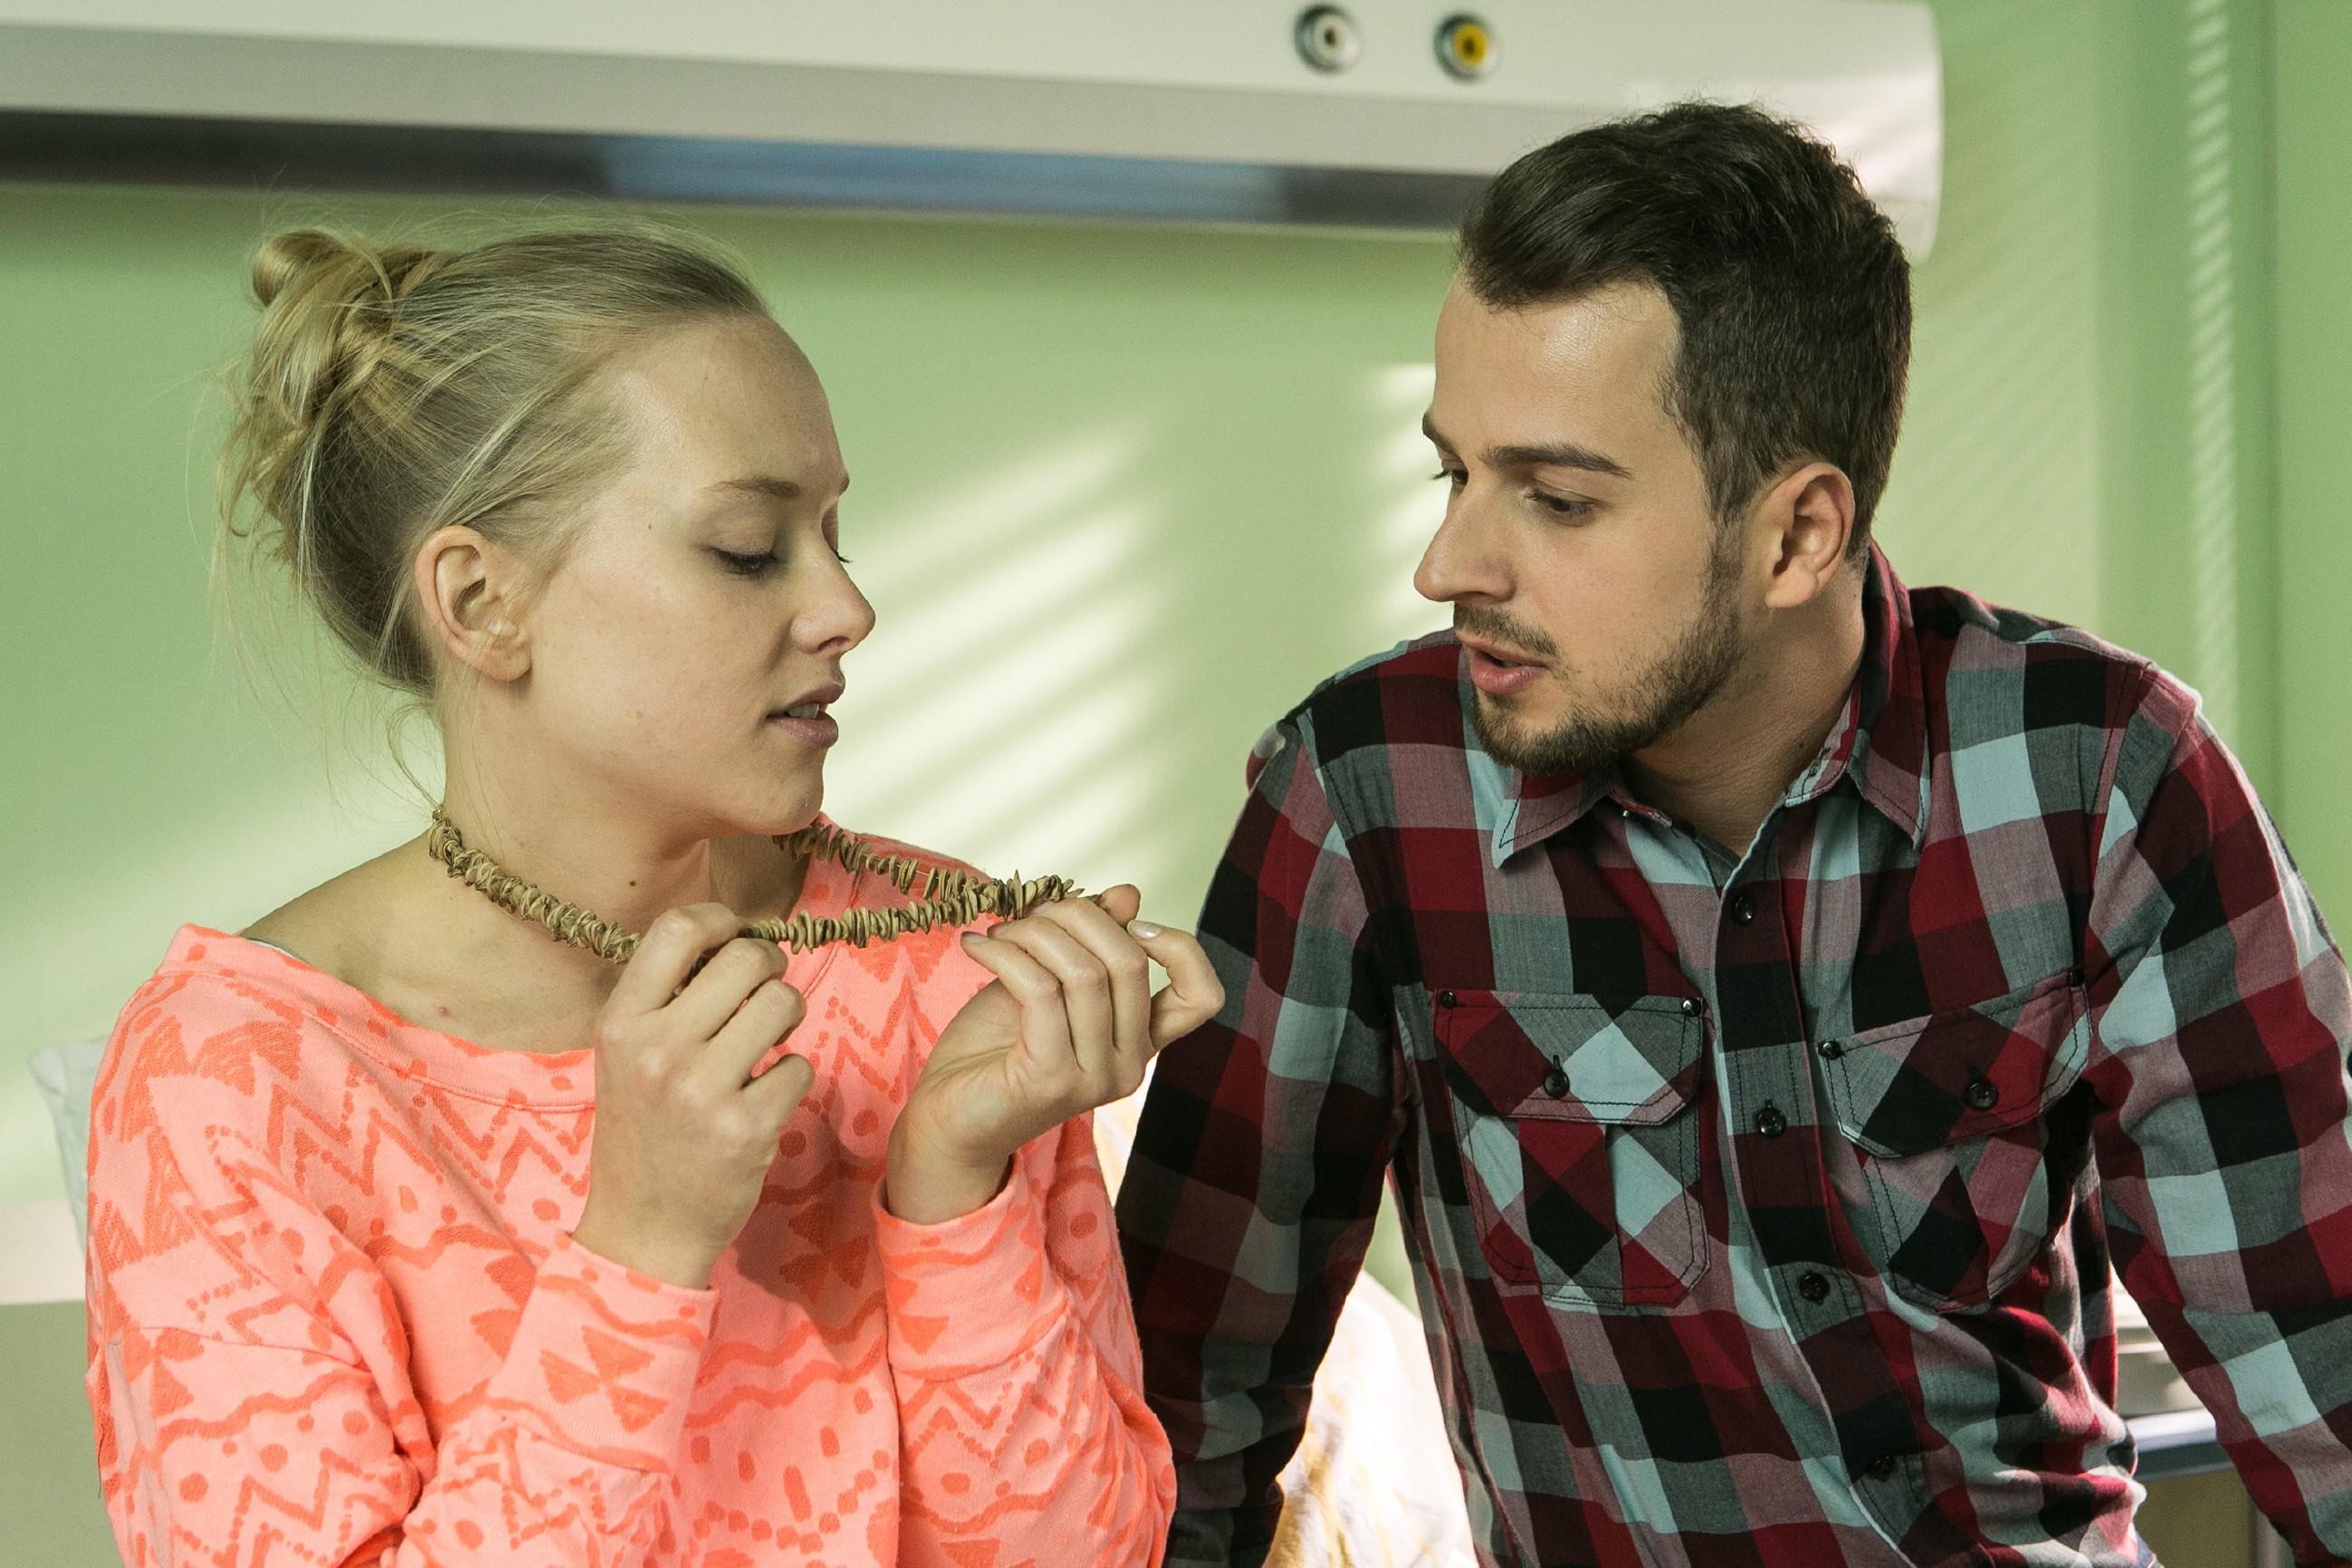 Die ahnungslose Marie (Judith Neumann) gesteht dem geschockten Tobi (Michael Jassin) ihre Gefühle für Leo... (Quelle: RTL / Kai Schulz)